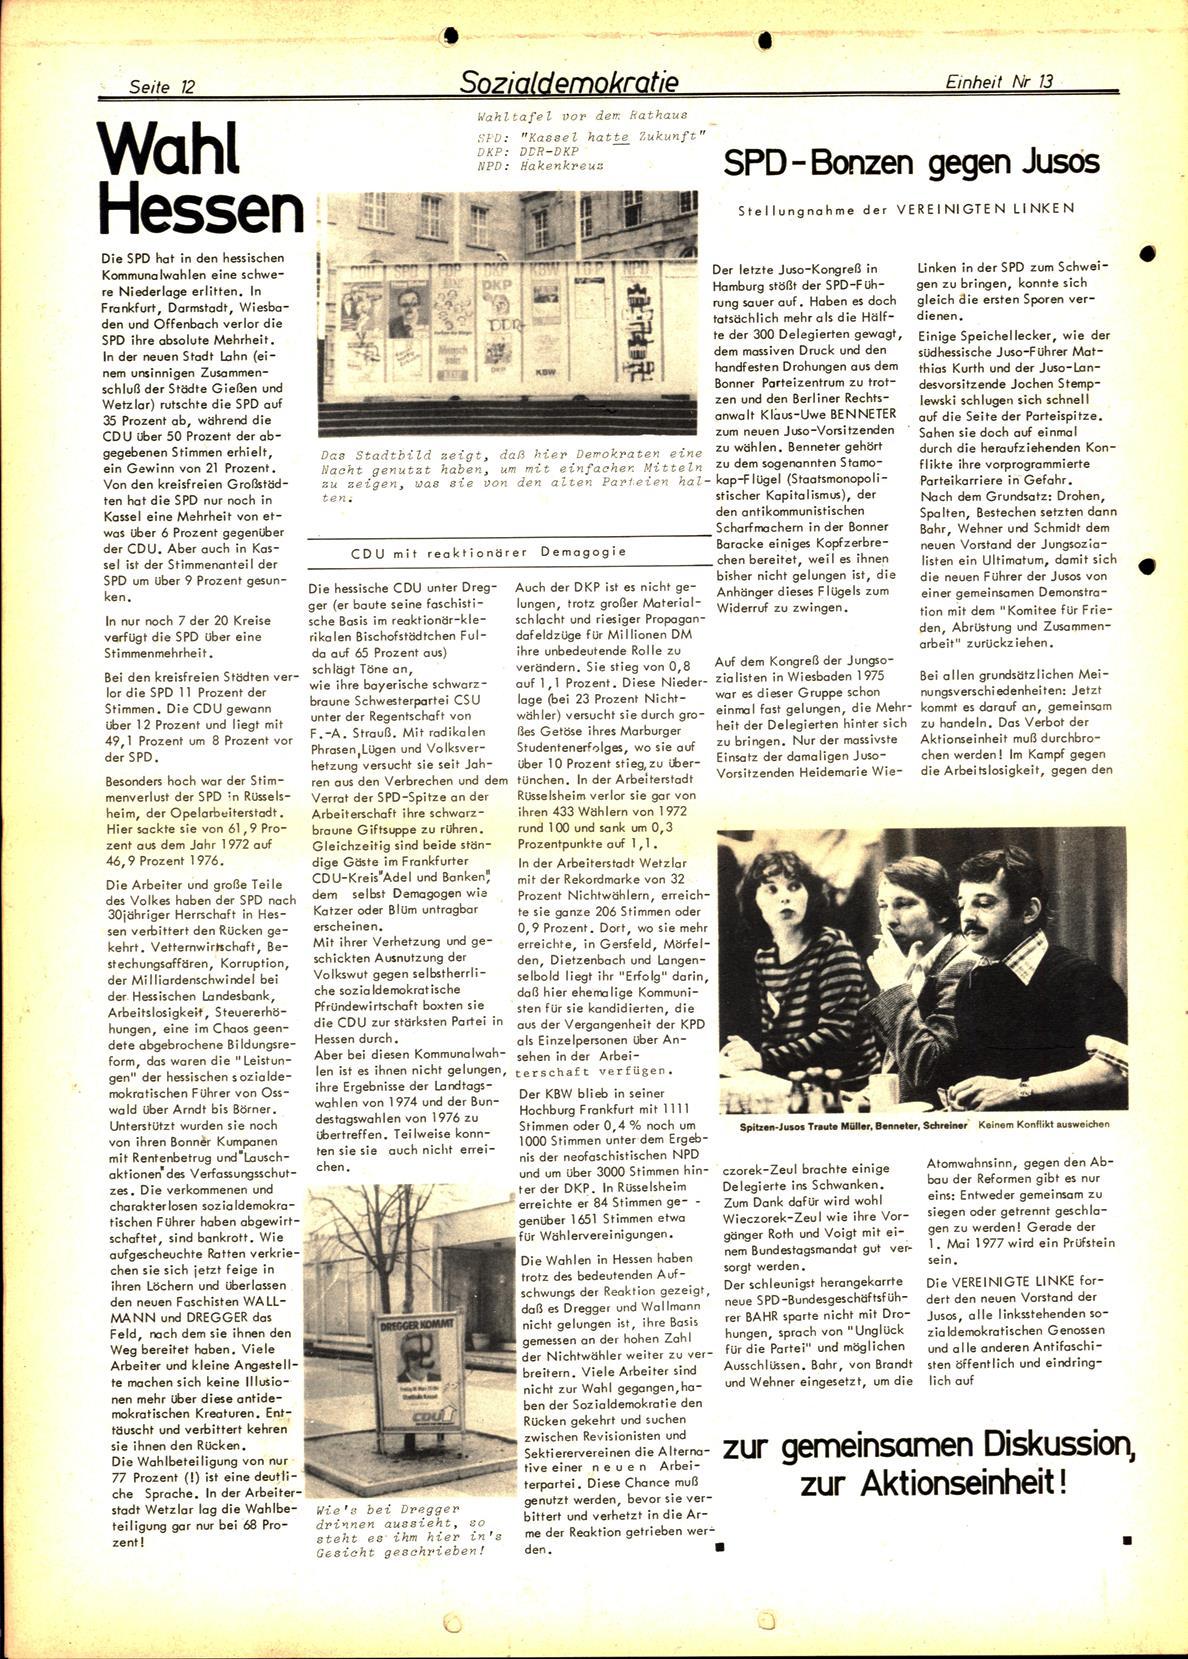 Koeln_IPdA_Einheit_1977_013_012